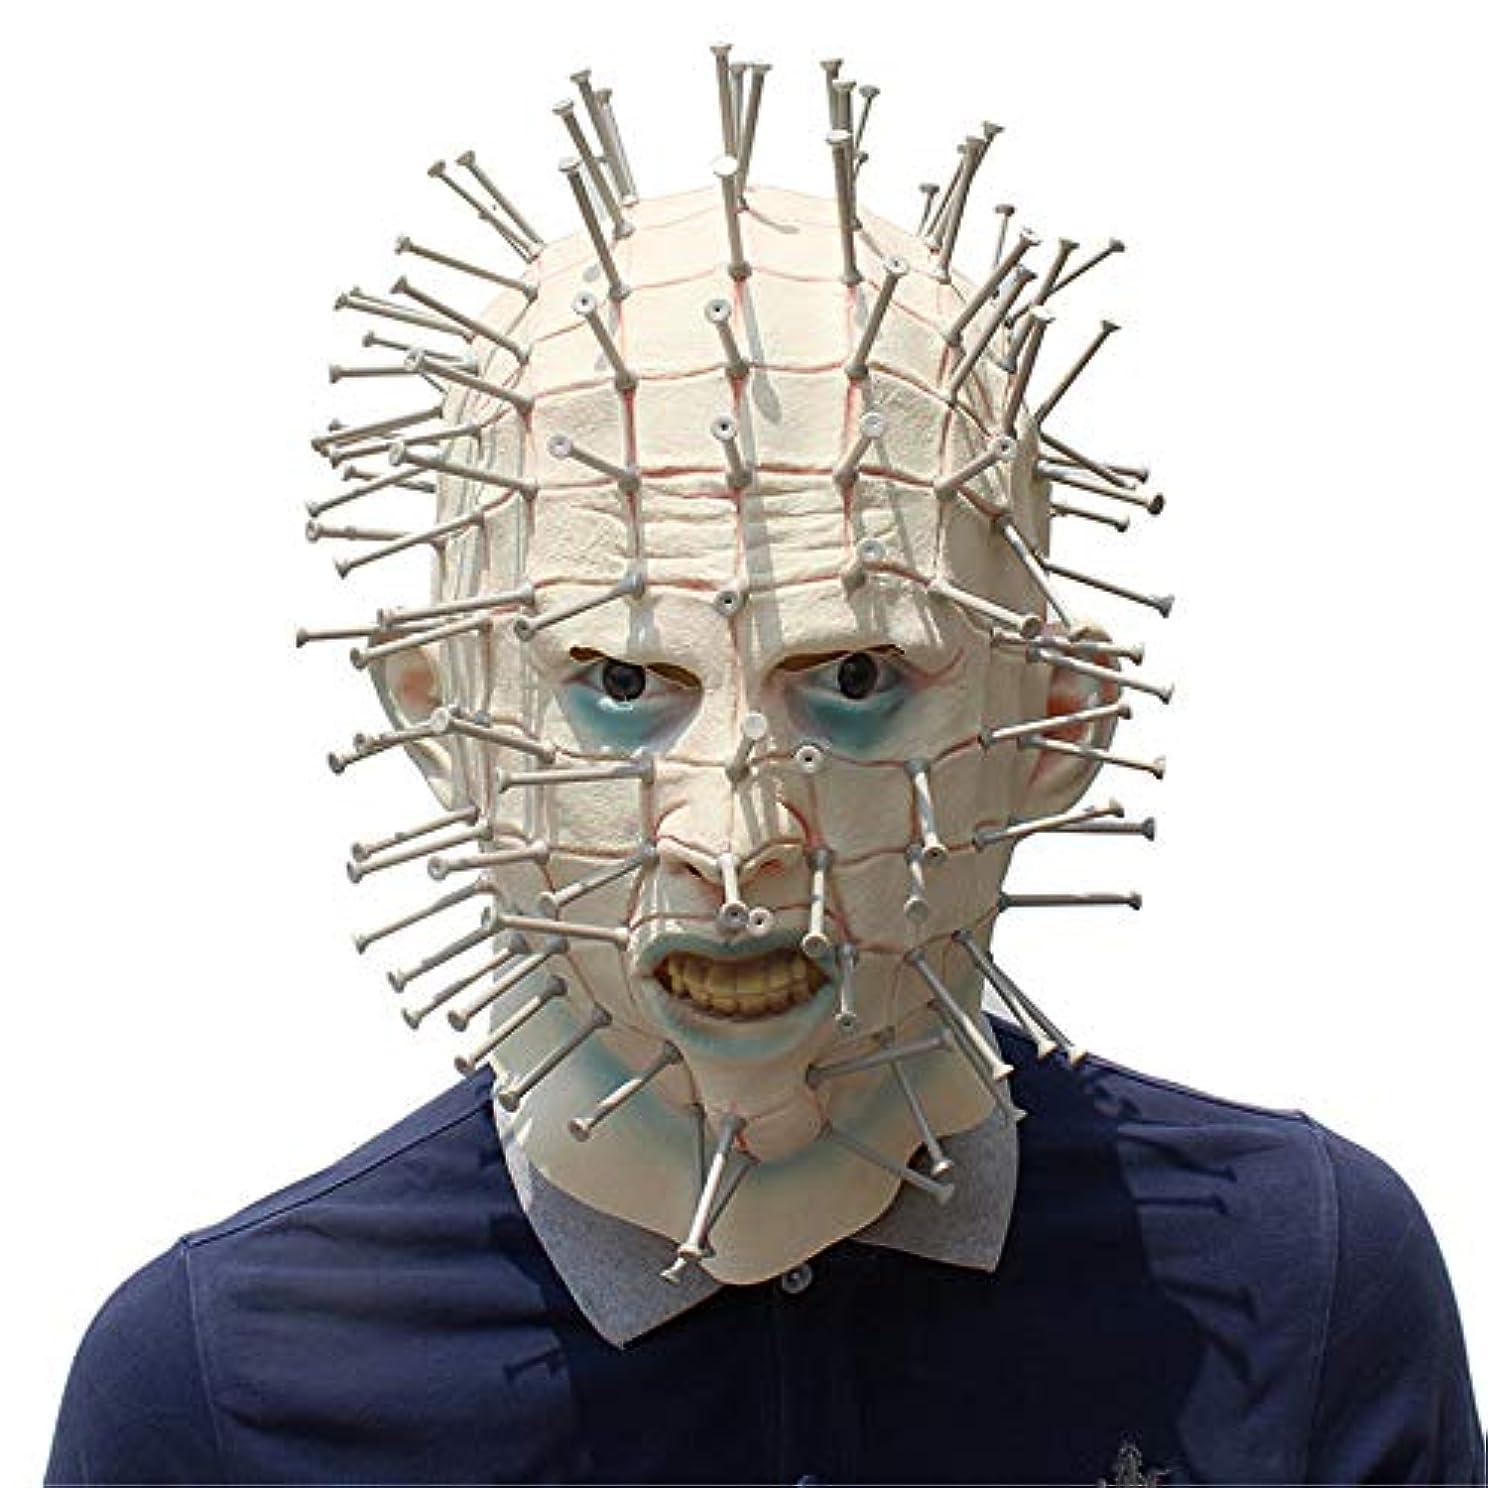 ラベ通り真面目なテロリストゴーストチェイスマスクハロウィンクリエイティブヘッドギアネイルマスクヘッドギア